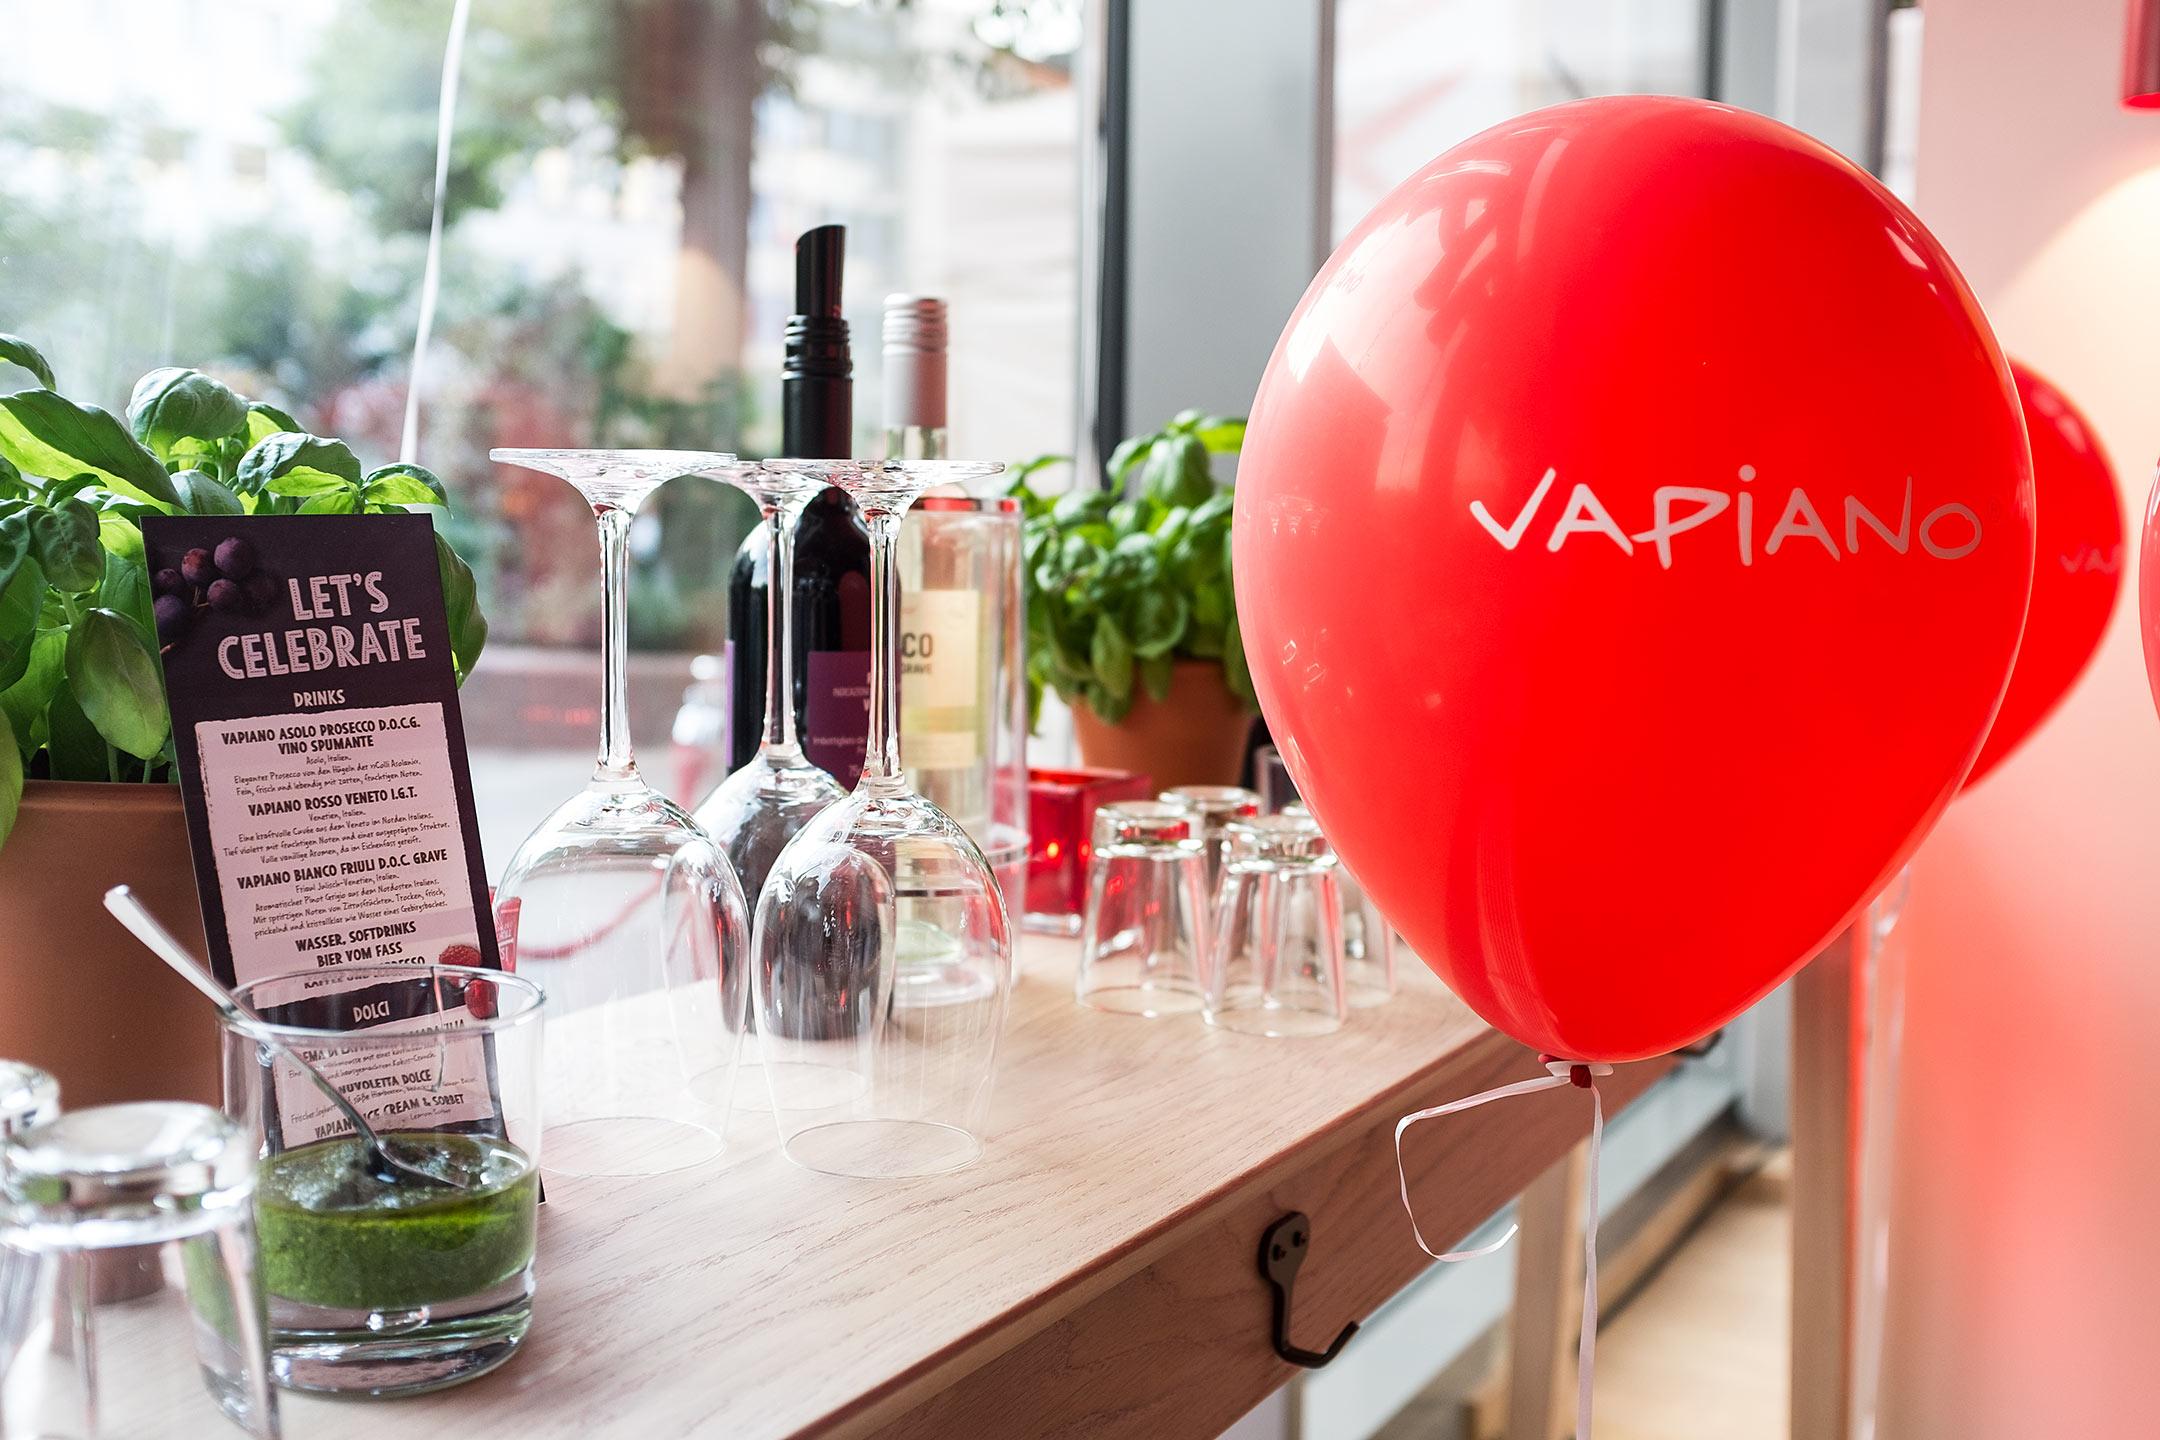 Vapiano Event Essen Eröffnung Sunnyinga Lifestyleblog